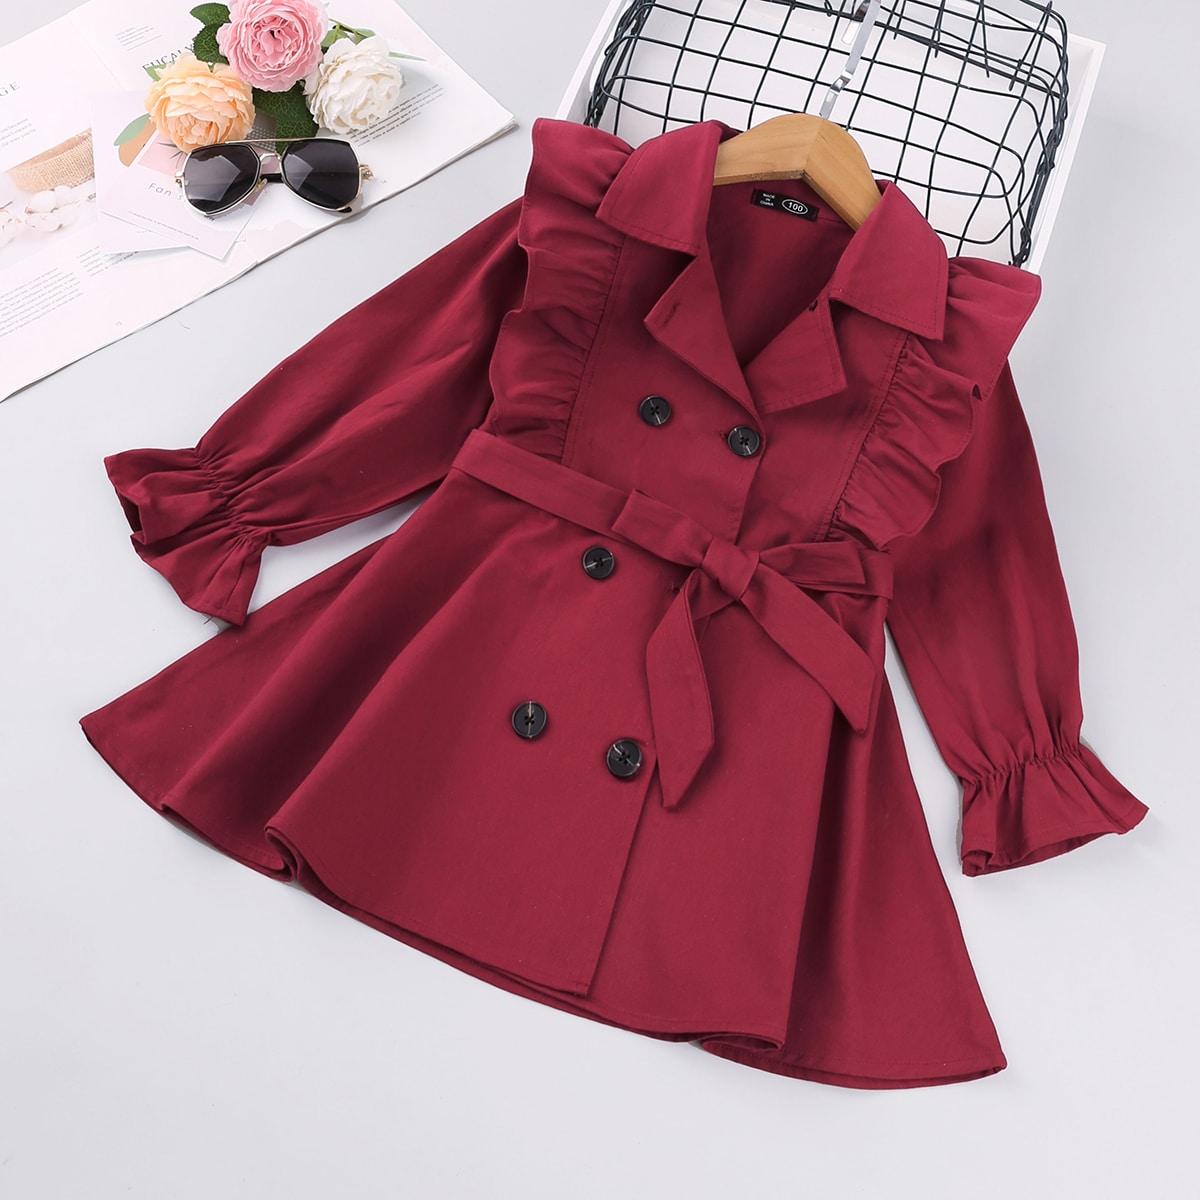 Двубортное пальто с оборками и поясом для девочек